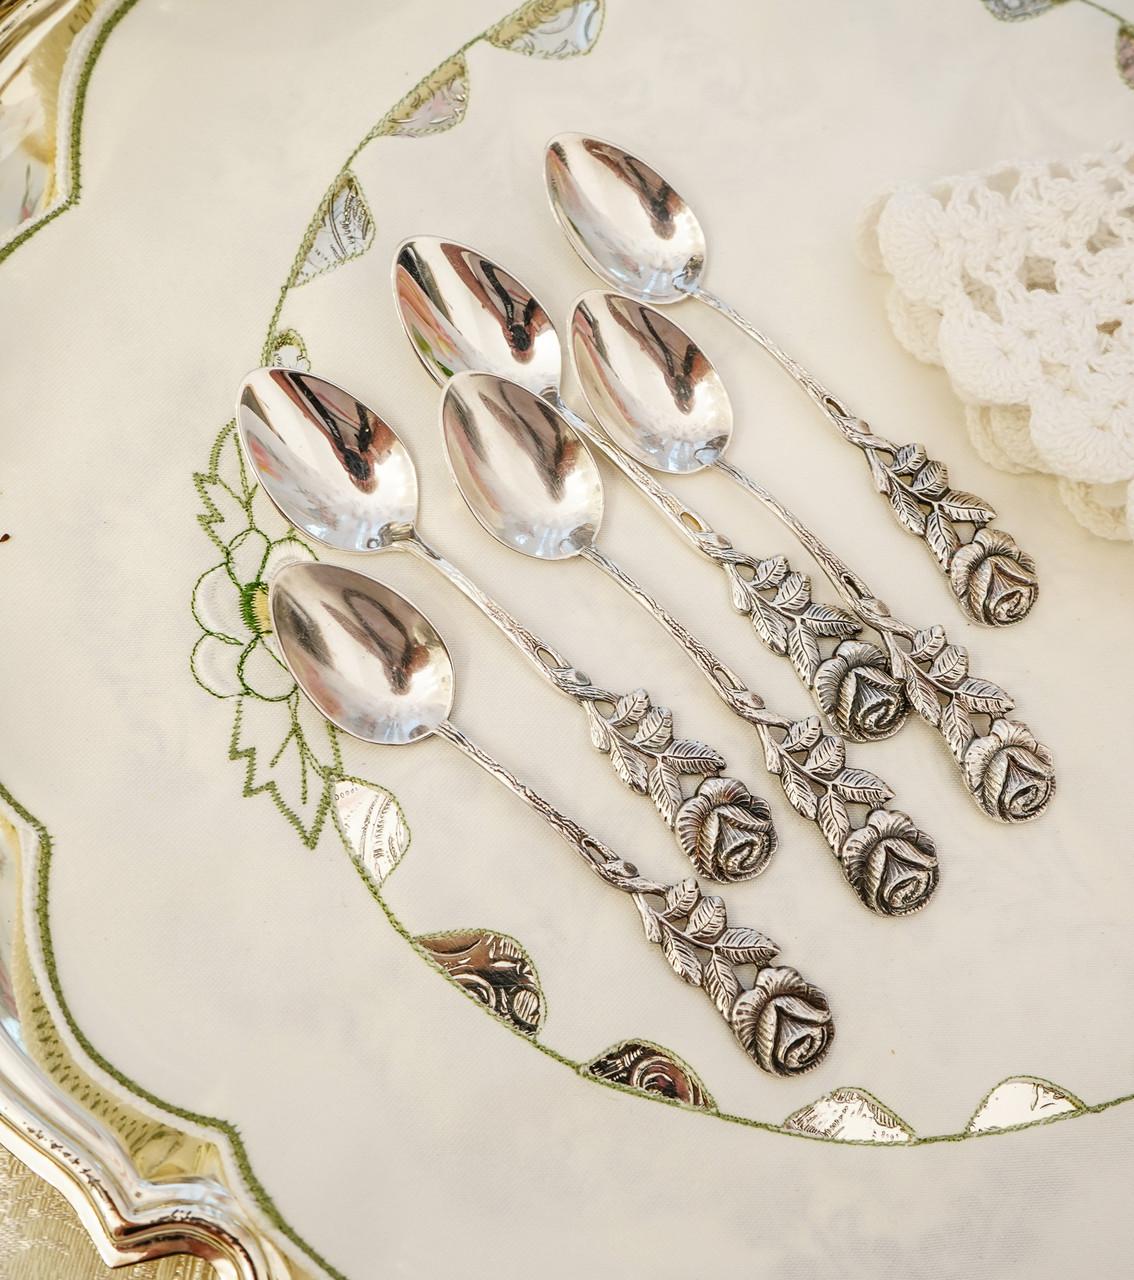 Набор посеребренных кофейных ложечек с розочкой на ручке, серебрение, Германия, ANTIKO 100